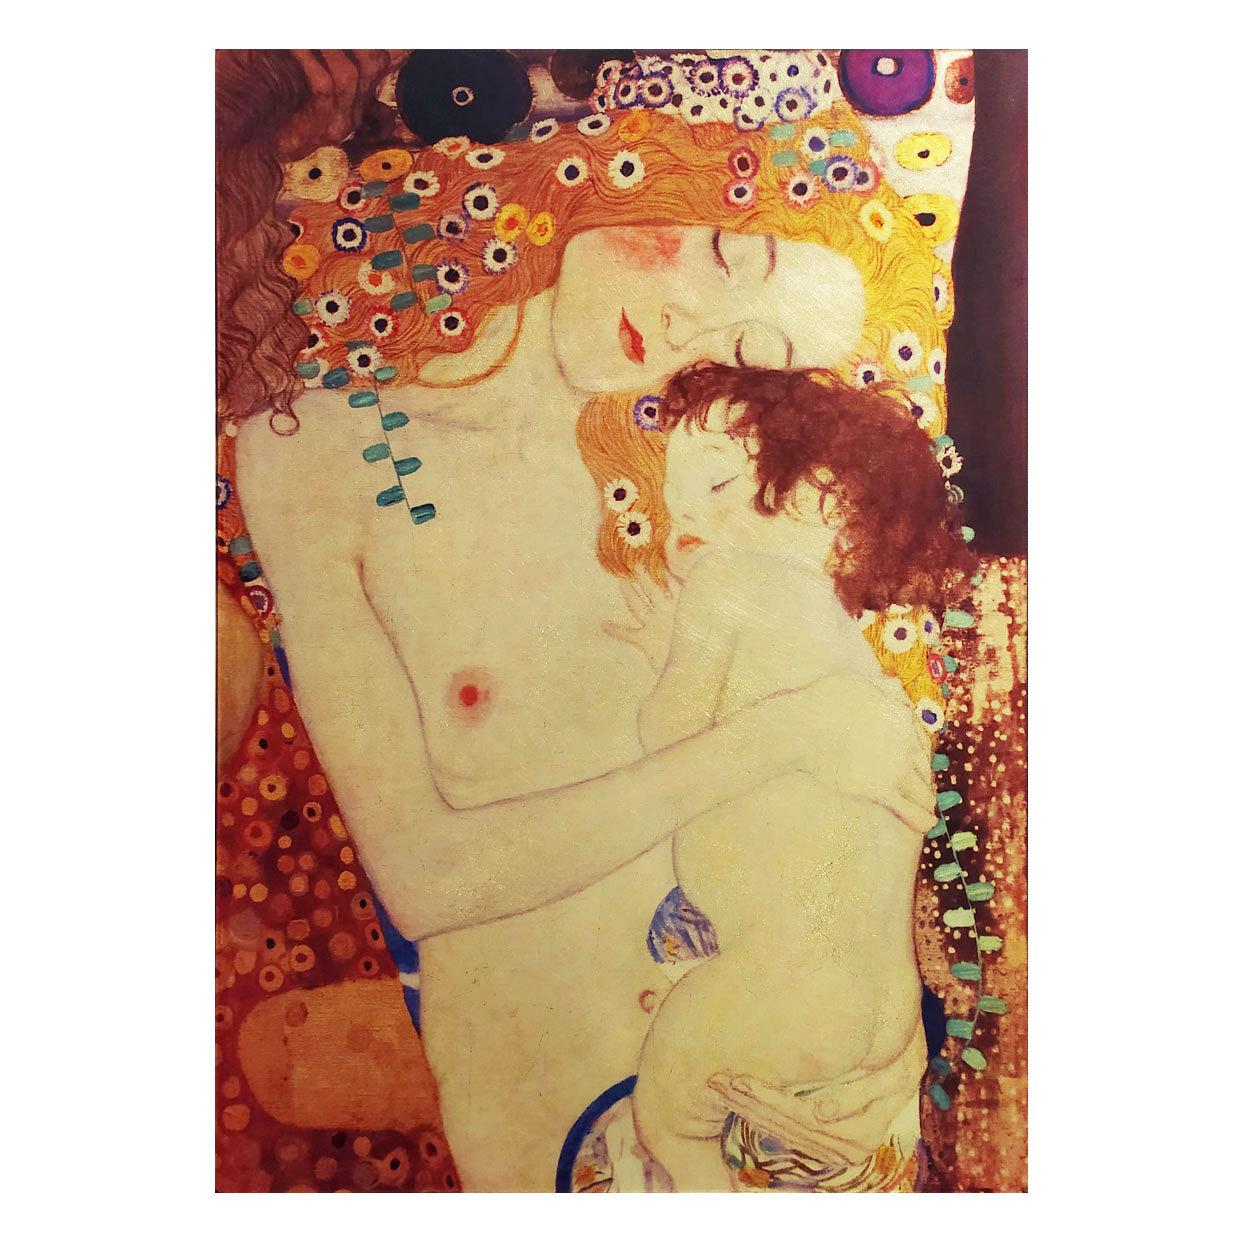 Quadro con lavorazione in foglia dorata - Klimt Donna con bambino -  Florence Glass opere d'arte su vetro - Acquista su Ventis.